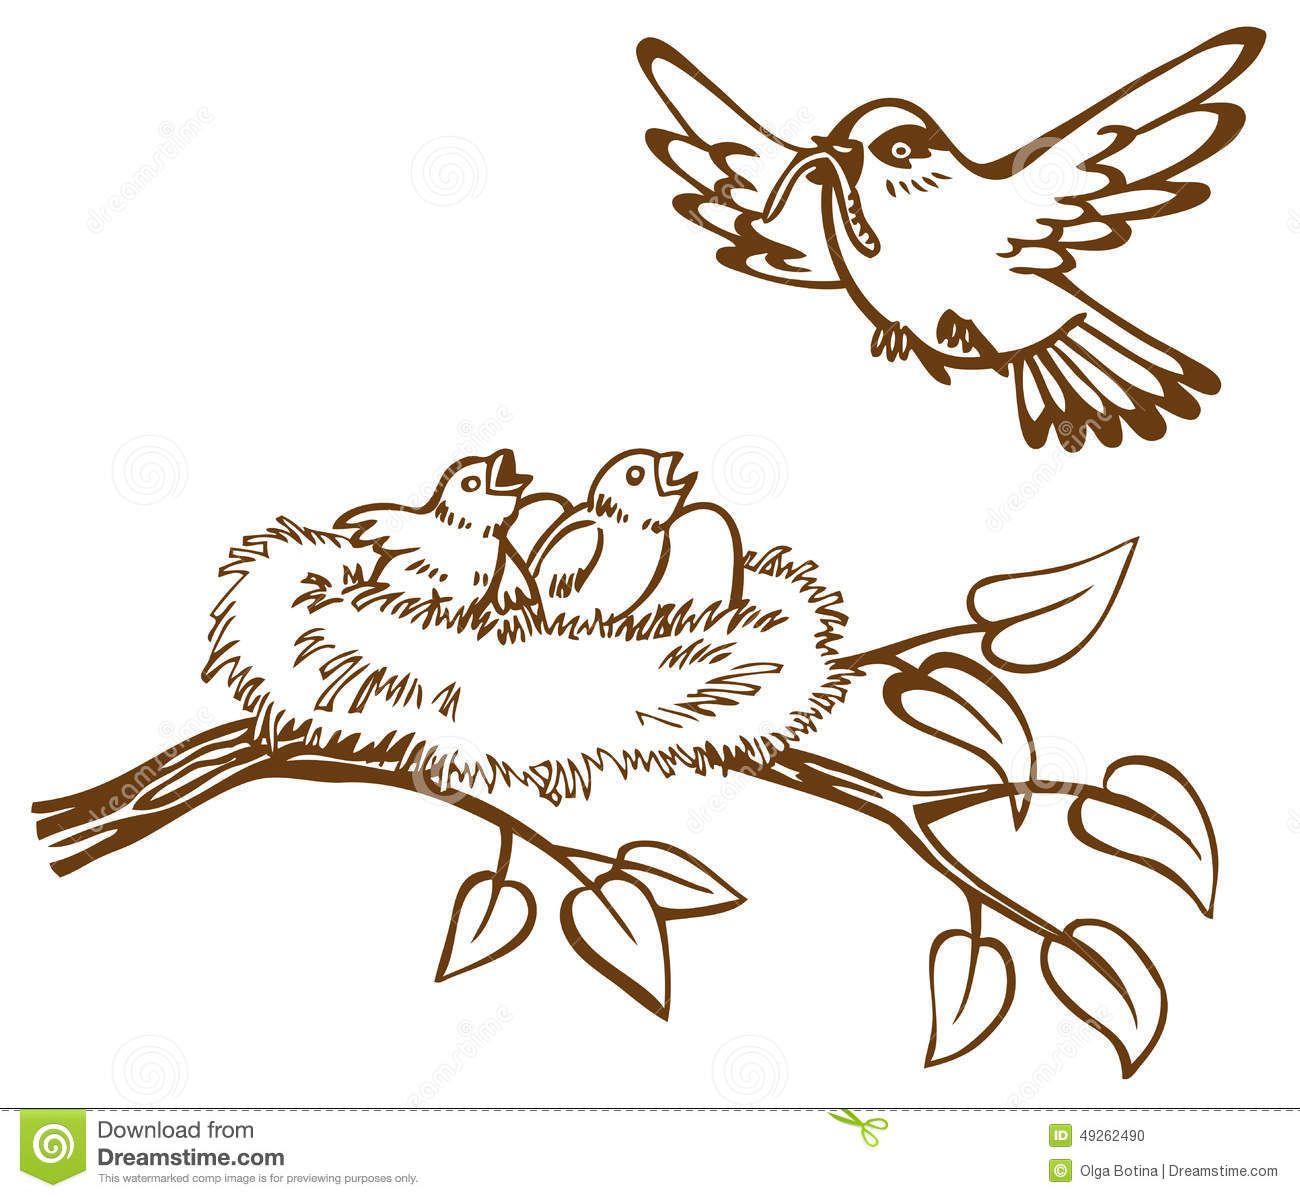 vogelnest tekening zoeken dieren